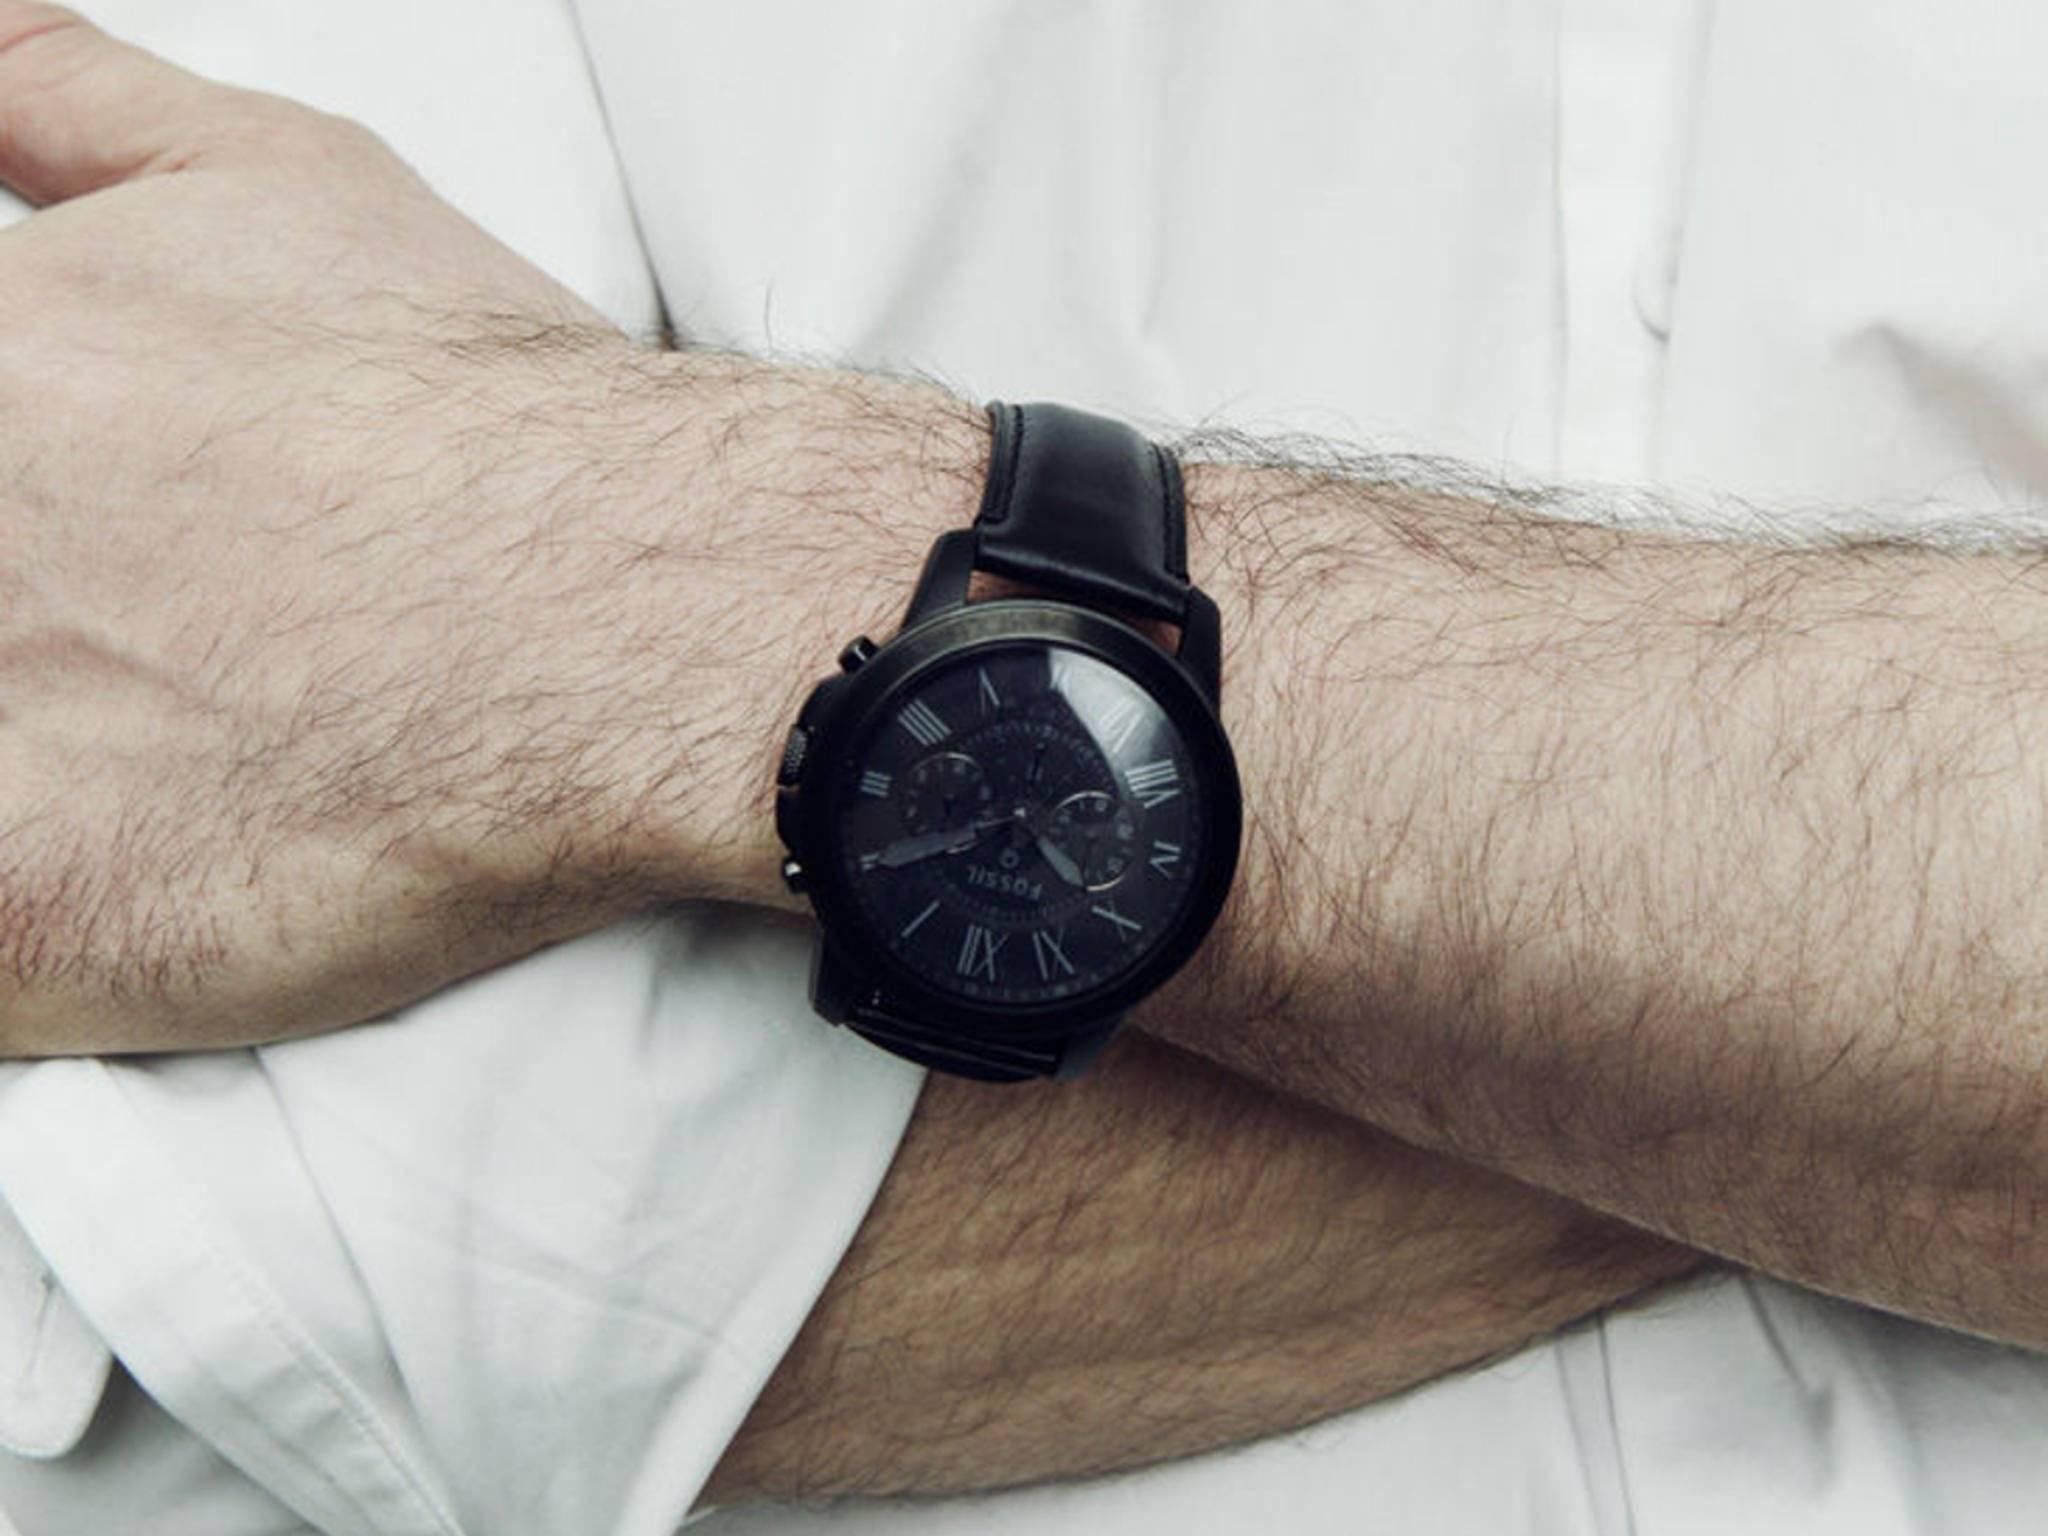 Puma und Fossil bringen bald gemeinsam Smartwatches und Wearables auf den Markt.